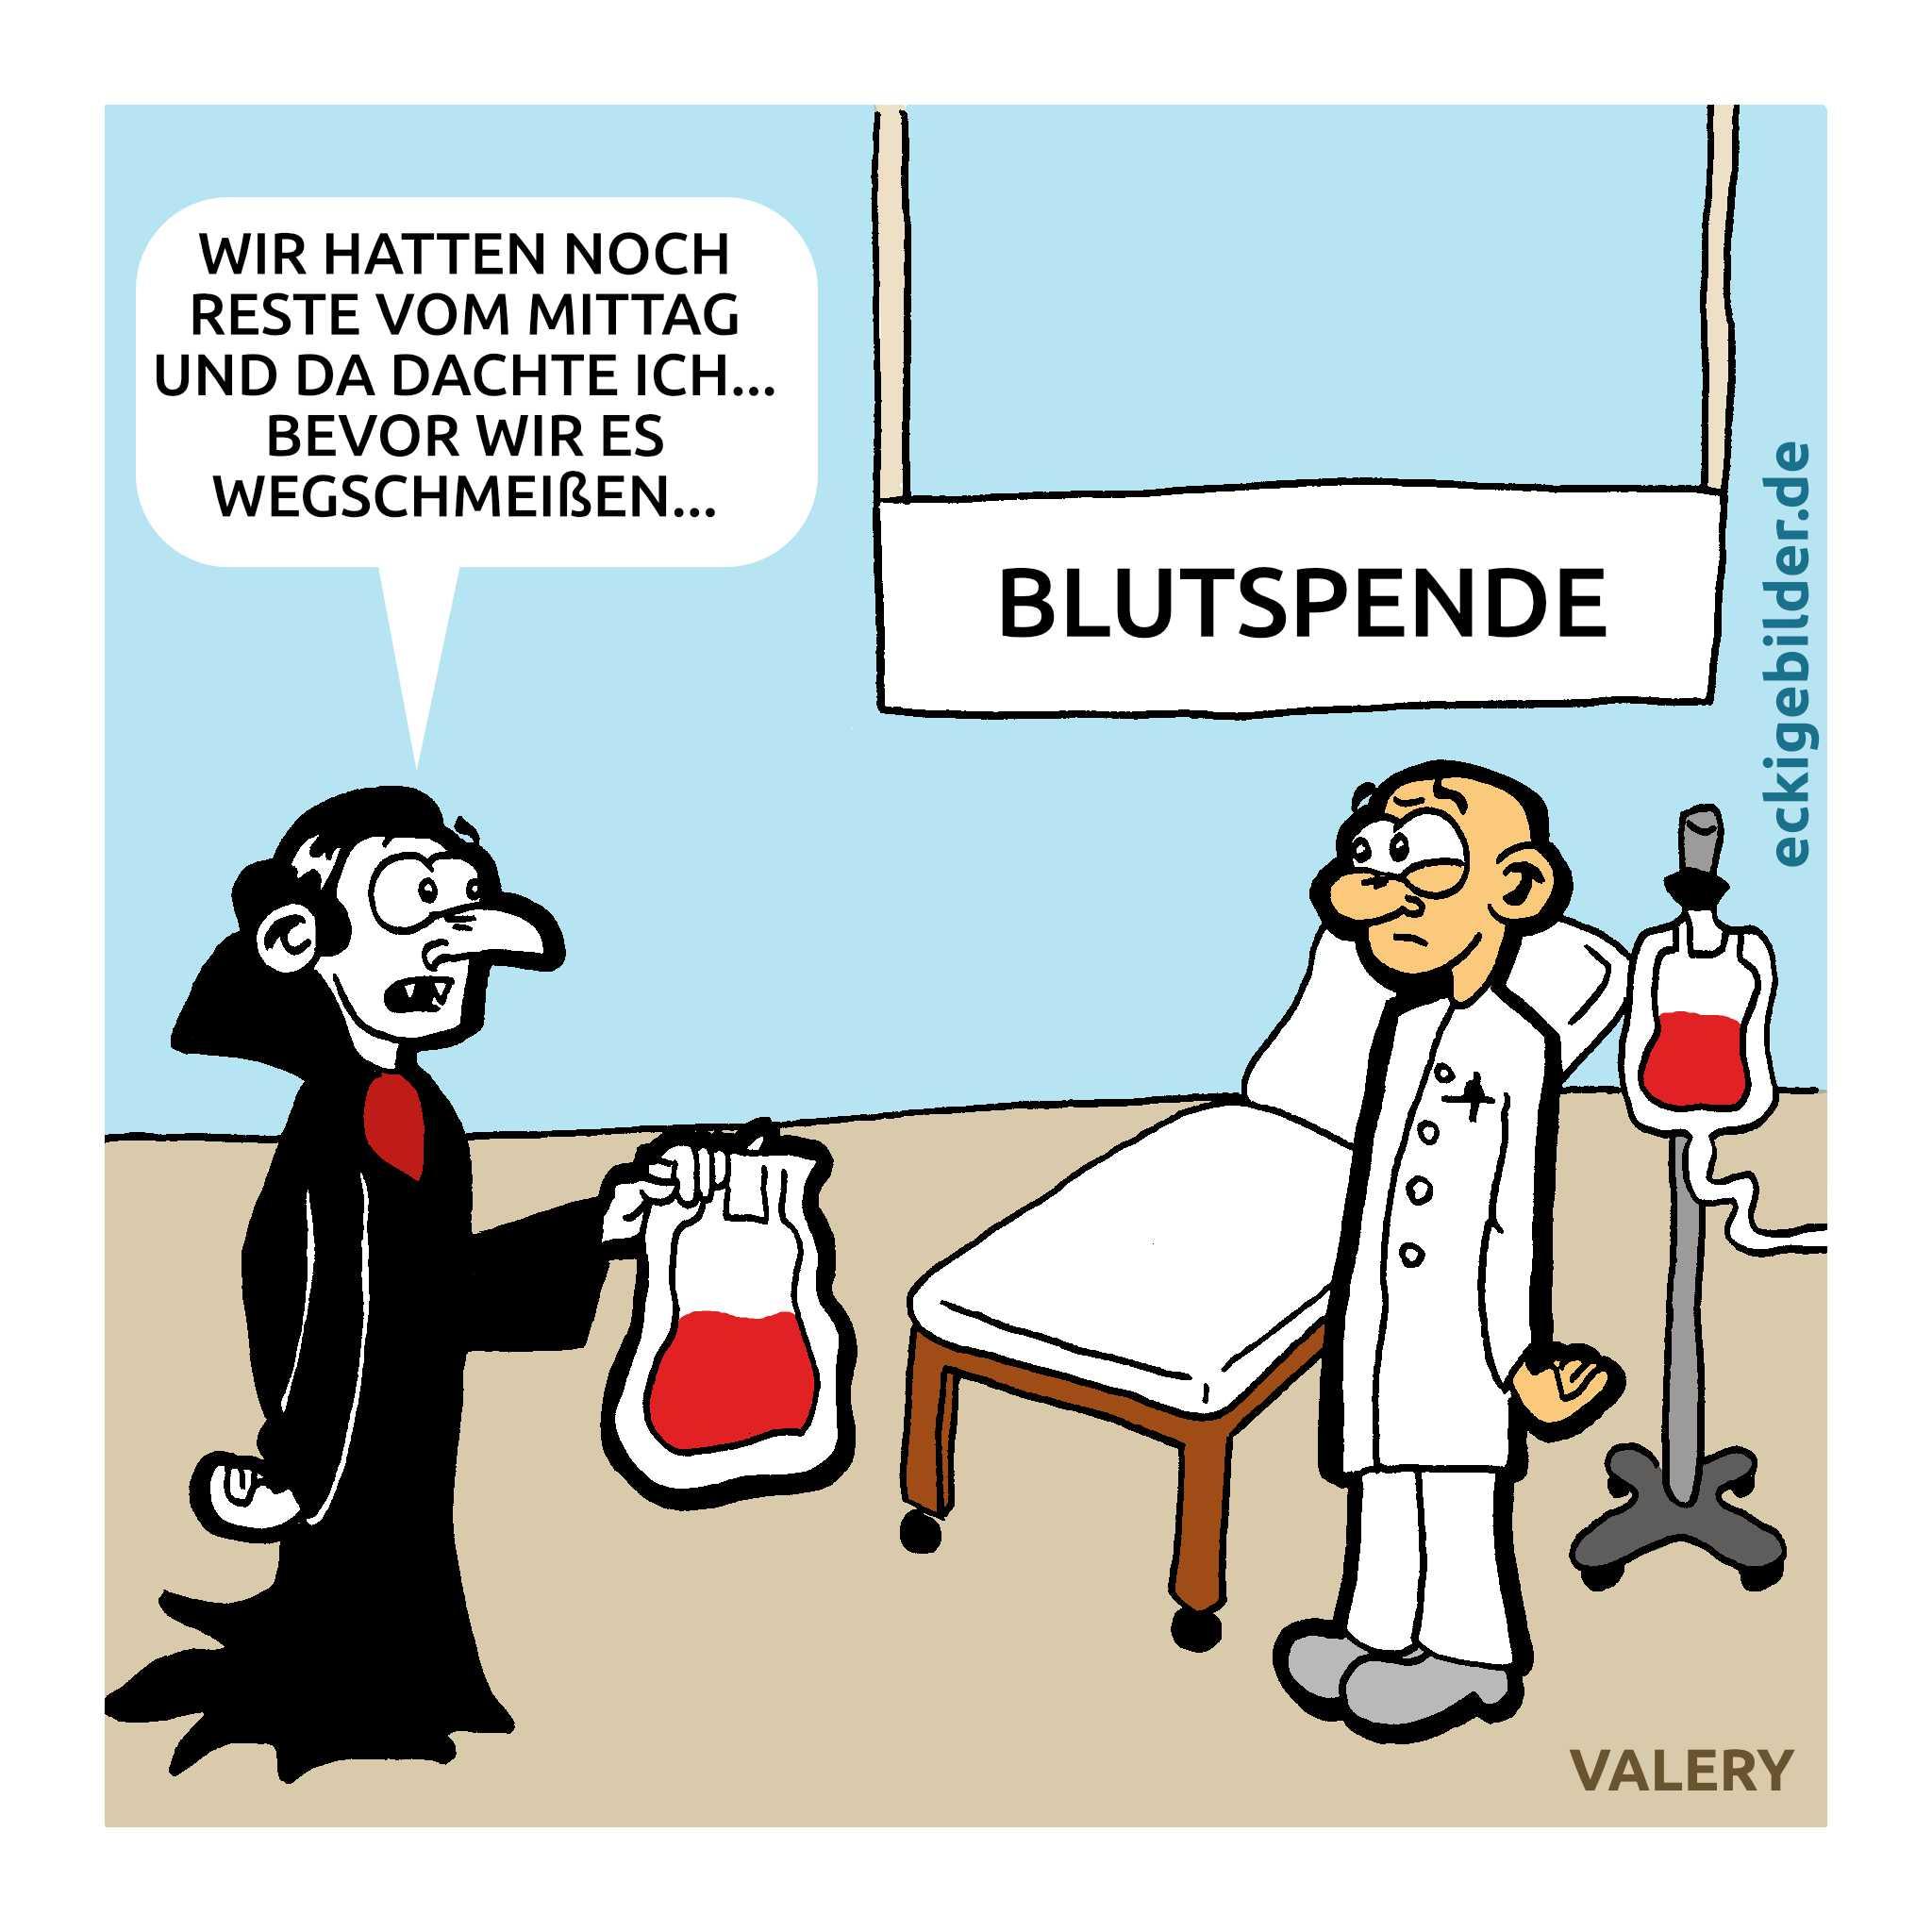 Vampir Blutspende Cartoon